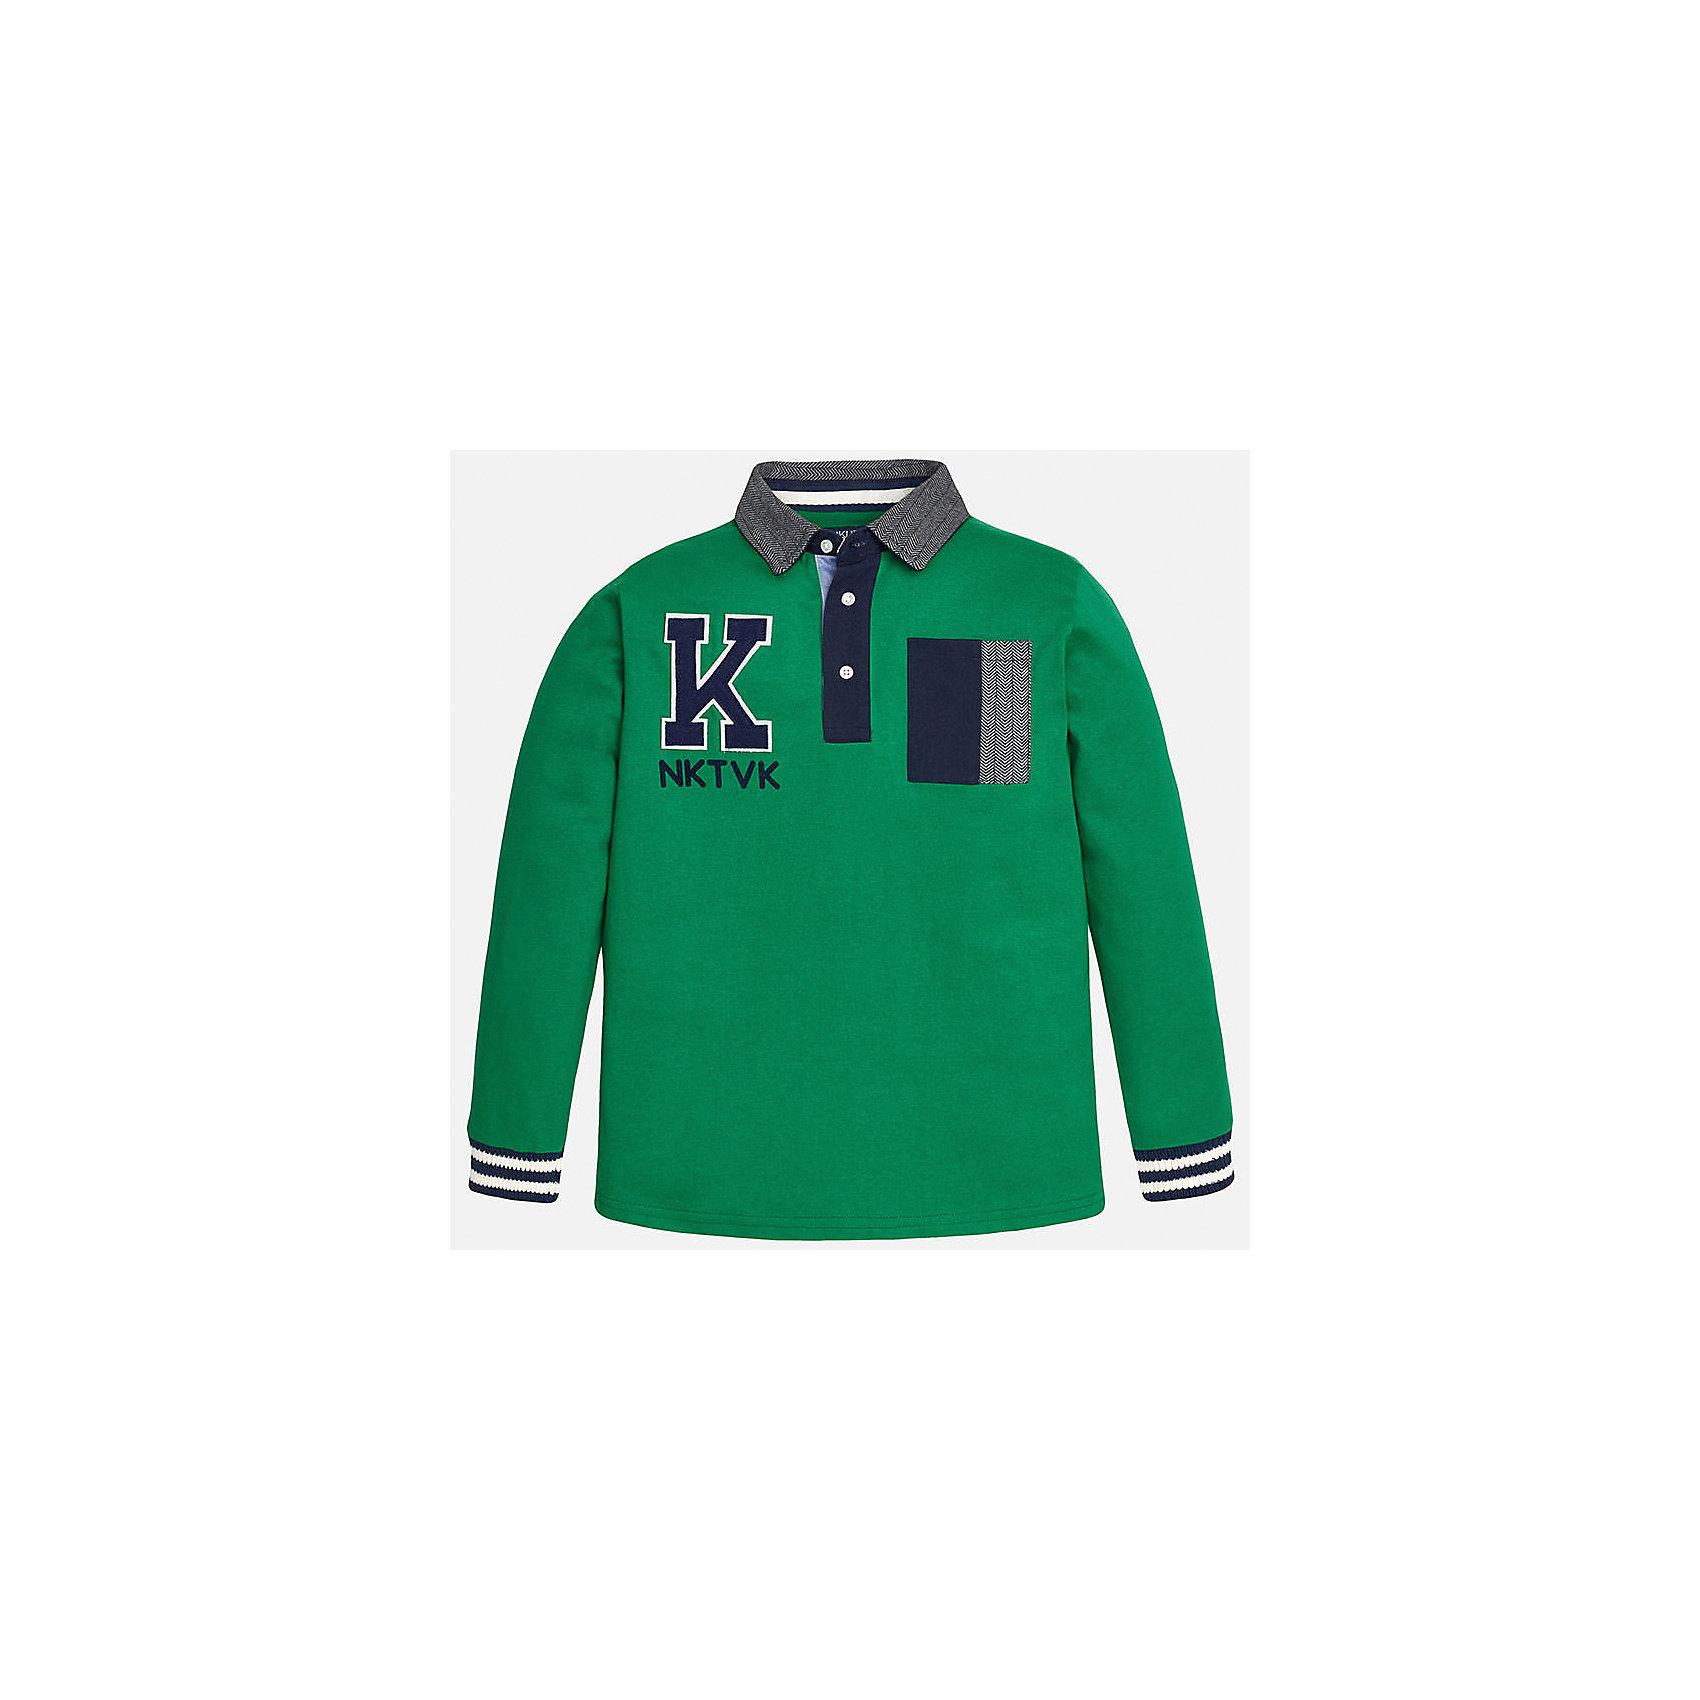 Футболка-поло с длинным рукавом для мальчика MayoralФутболки с длинным рукавом<br>Рубашка-поло для мальчика от известного испанского бренда Mayoral (Майорал). Эта стильная и удобная хлопковая рубашка с длинным рукавом придет по вкусу вашему моднику. Яркий зеленый цвет отлично сочетается с деталями отделки темно-синего цвета. Пестрый откидной воротничок имеет тот же стиль, что и кармашек на груди. Нашивка на лицевой стороне повторяет вышитые буквы на спине. У рубашки свободный прямой крой, рукава заканчиваются полосатыми трикотажными резинками. Отличное пополнение для сезона осень-зима. К этой рубашке подойдут как джинсы, так и штаны спортивного кроя. <br><br>Дополнительная информация:<br><br>- Силуэт: прямой<br>- Рукав: длинный<br>- Длина: средняя<br><br>Состав: 100% хлопок <br><br>Рубашка-поло для мальчика Mayoral (Майорал) можно купить в нашем интернет-магазине.<br><br>Подробнее:<br>• Для детей в возрасте: от 8 до 16 лет<br>• Номер товара: 4826800<br>Страна производитель: Индия<br><br>Ширина мм: 174<br>Глубина мм: 10<br>Высота мм: 169<br>Вес г: 157<br>Цвет: разноцветный<br>Возраст от месяцев: 96<br>Возраст до месяцев: 108<br>Пол: Мужской<br>Возраст: Детский<br>Размер: 128/134,164/170,158/164,152/158,146/152,140/146<br>SKU: 4826800